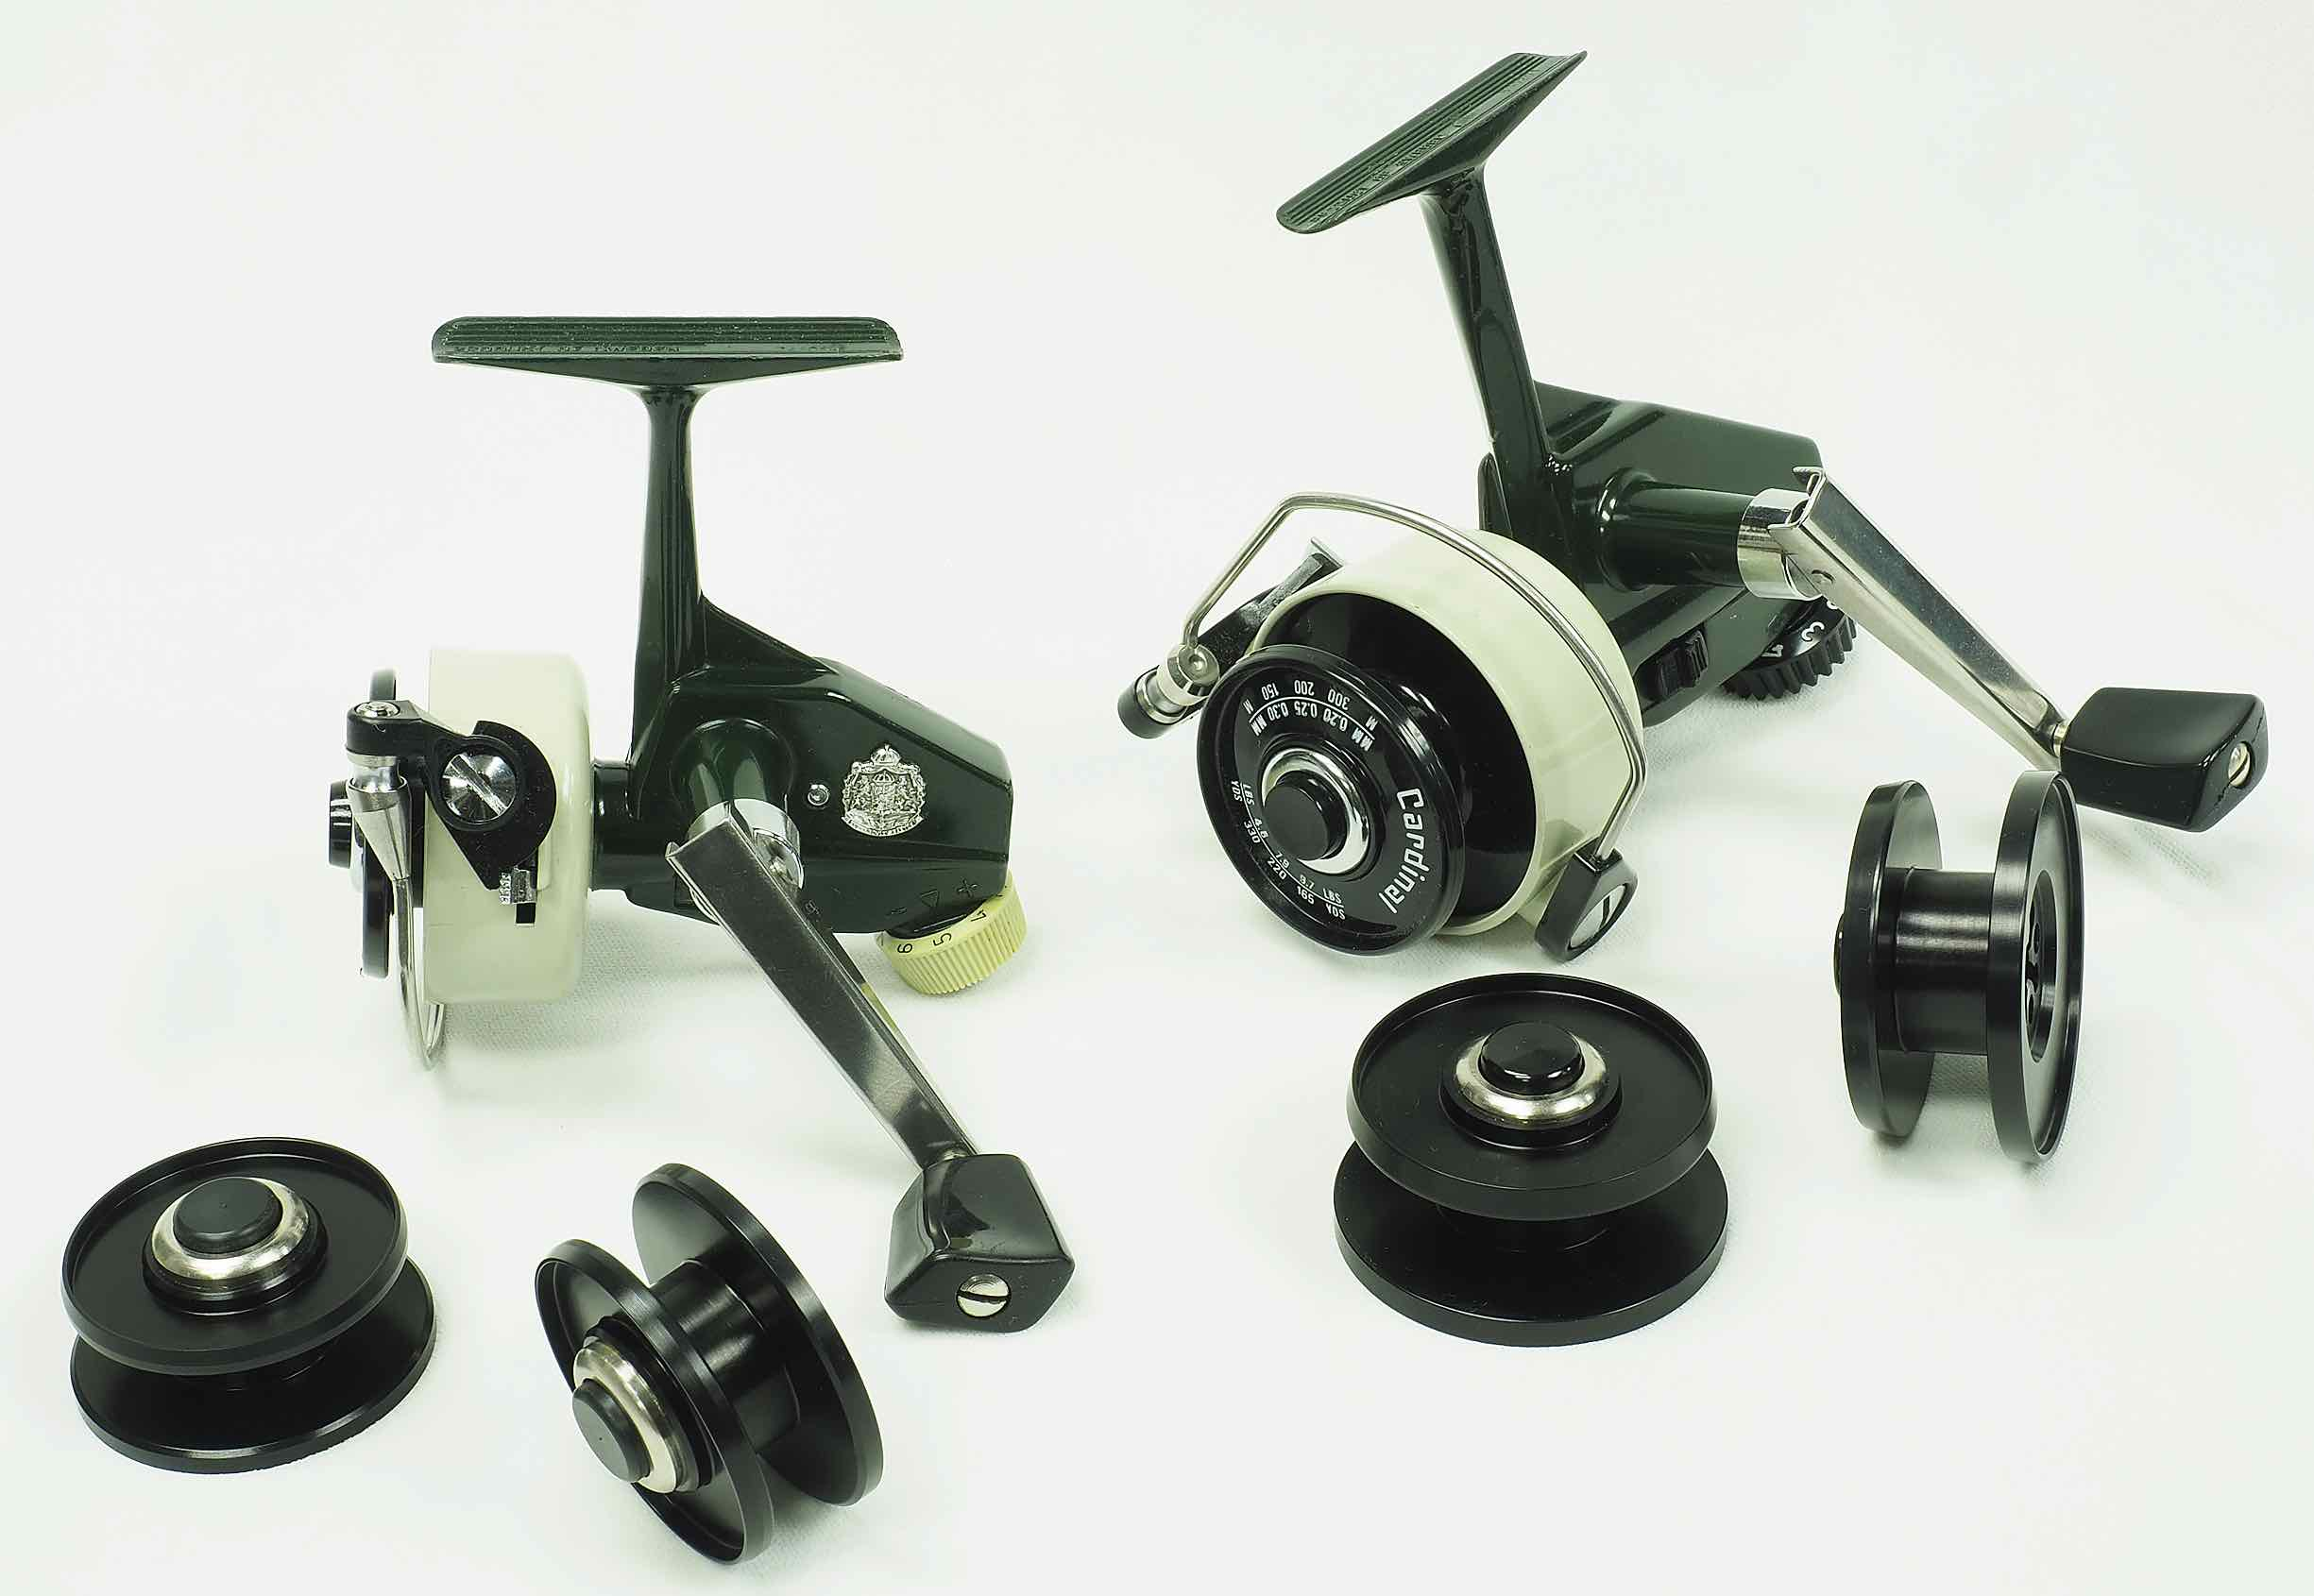 Abu Garcia Vintage C3 and C4 Aluminum Spool AA